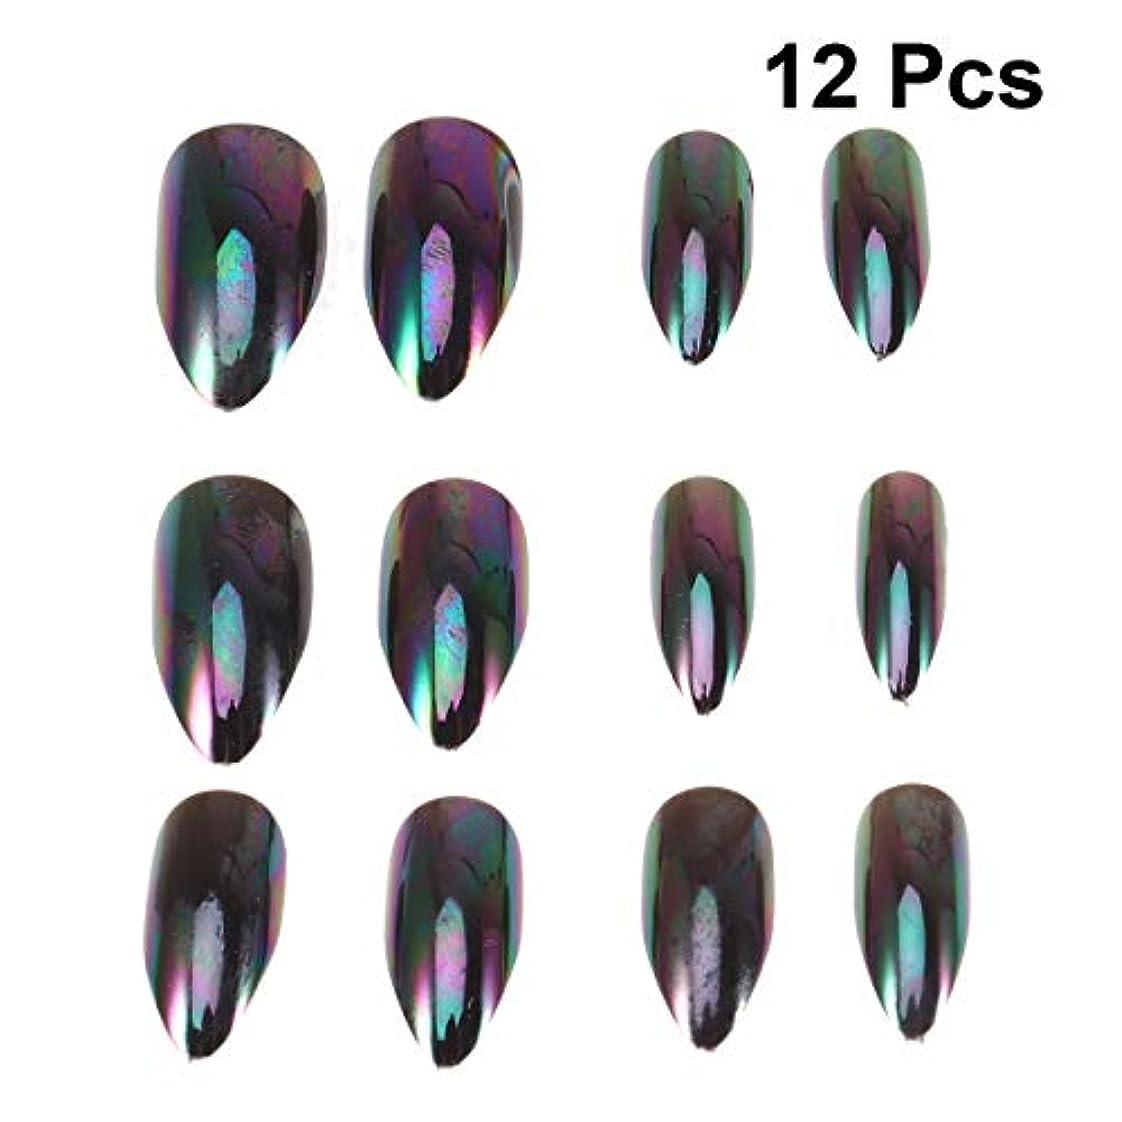 ヒゲクジラオフェンス花束Lurrose 女性の女性のための12本の人工的な金属ミラー効果偽ネイルセットマジックミラー反射偽ネイル(番号5パターン)